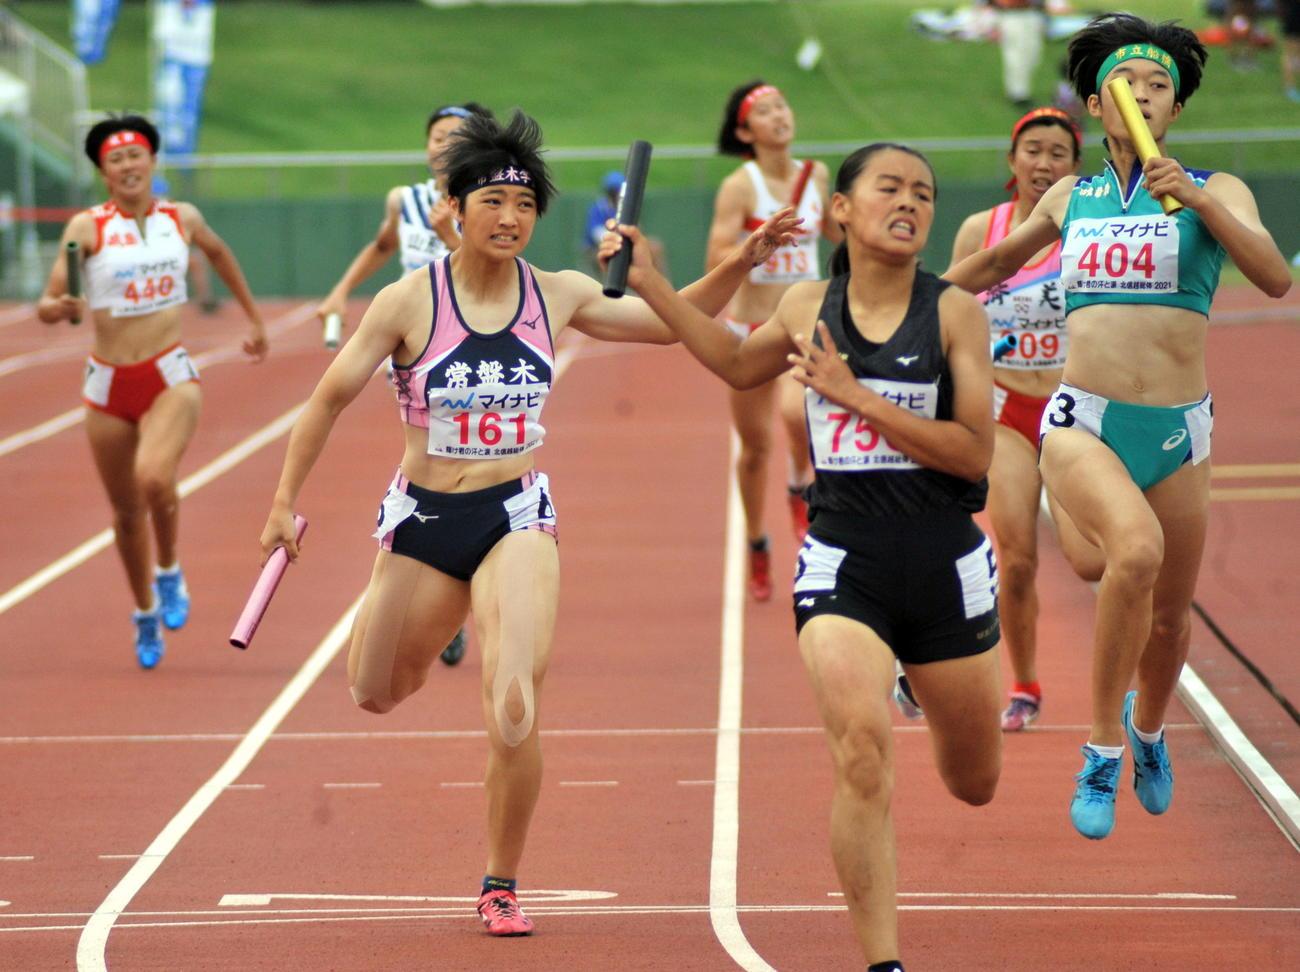 女子1600メートルリレー決勝、常盤木学園のアンカー佐藤美(左から2人目)は3位でゴール